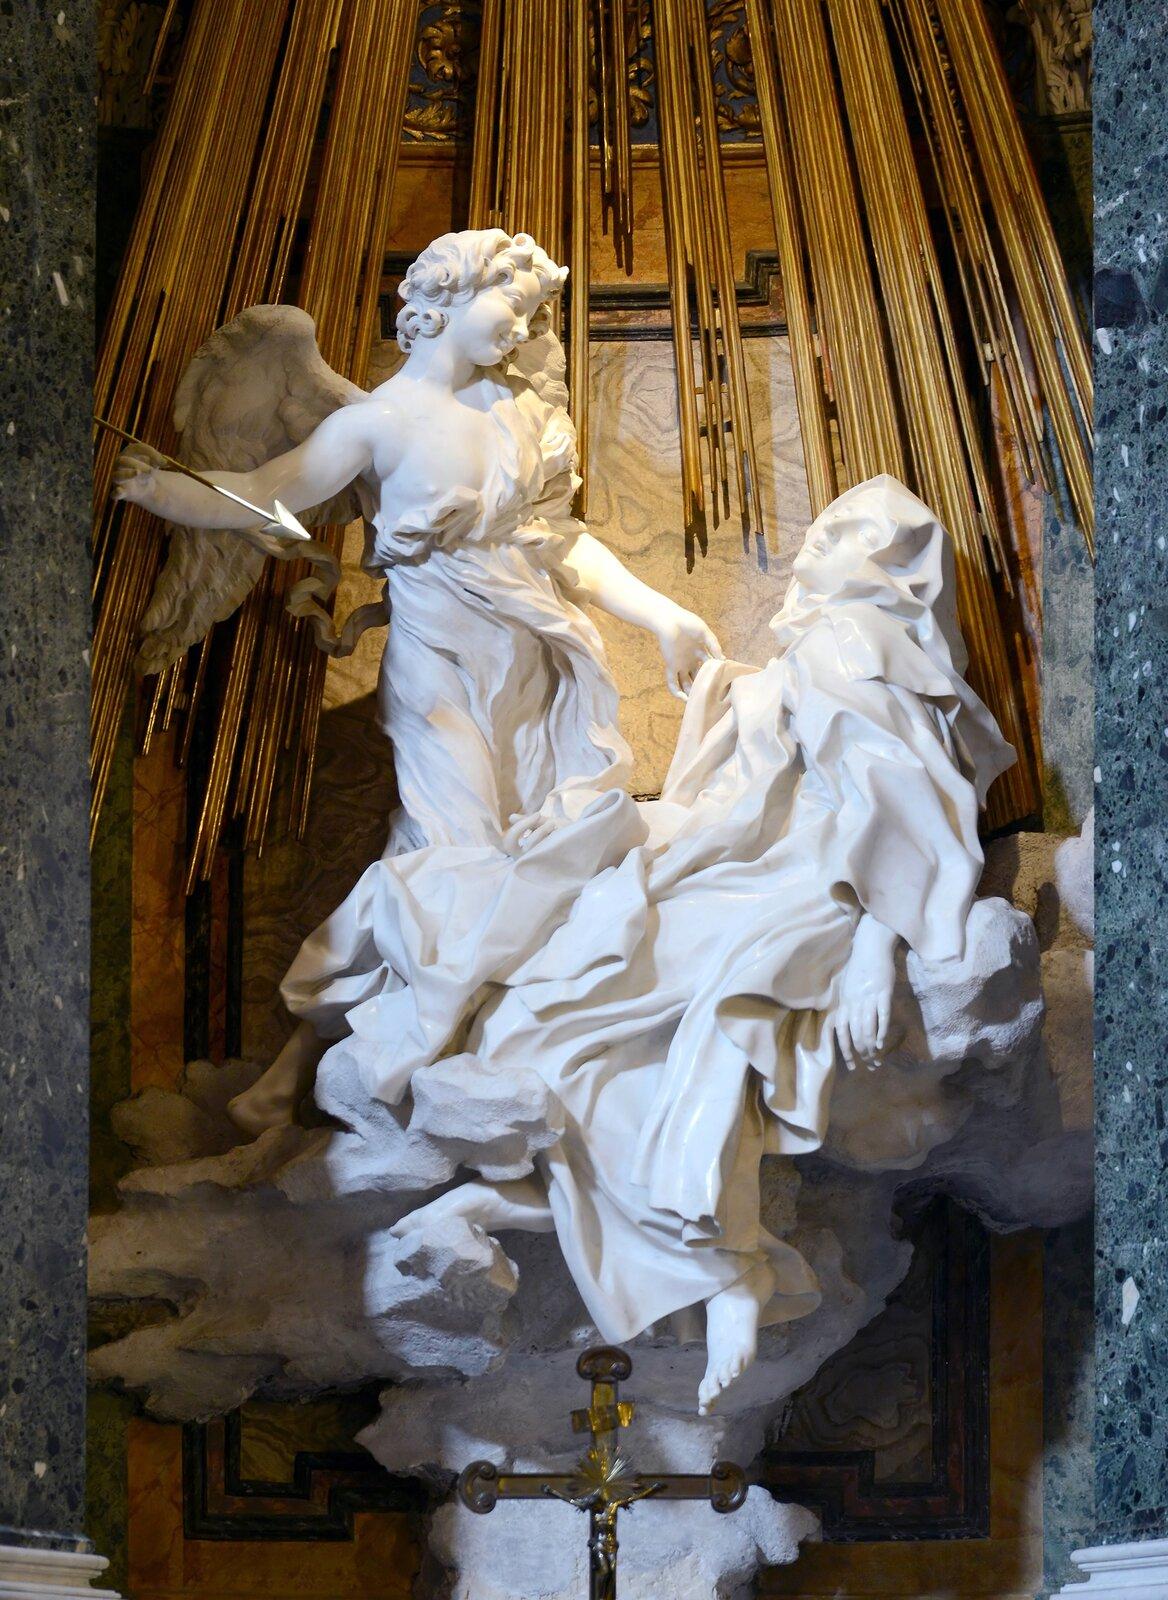 Ekstaza św. Teresy Źródło: fot. Alvesgaspar , Gianlorenzo Bernini, Ekstaza św. Teresy, 1647–1652, marmur, licencja: CC BY 4.0.